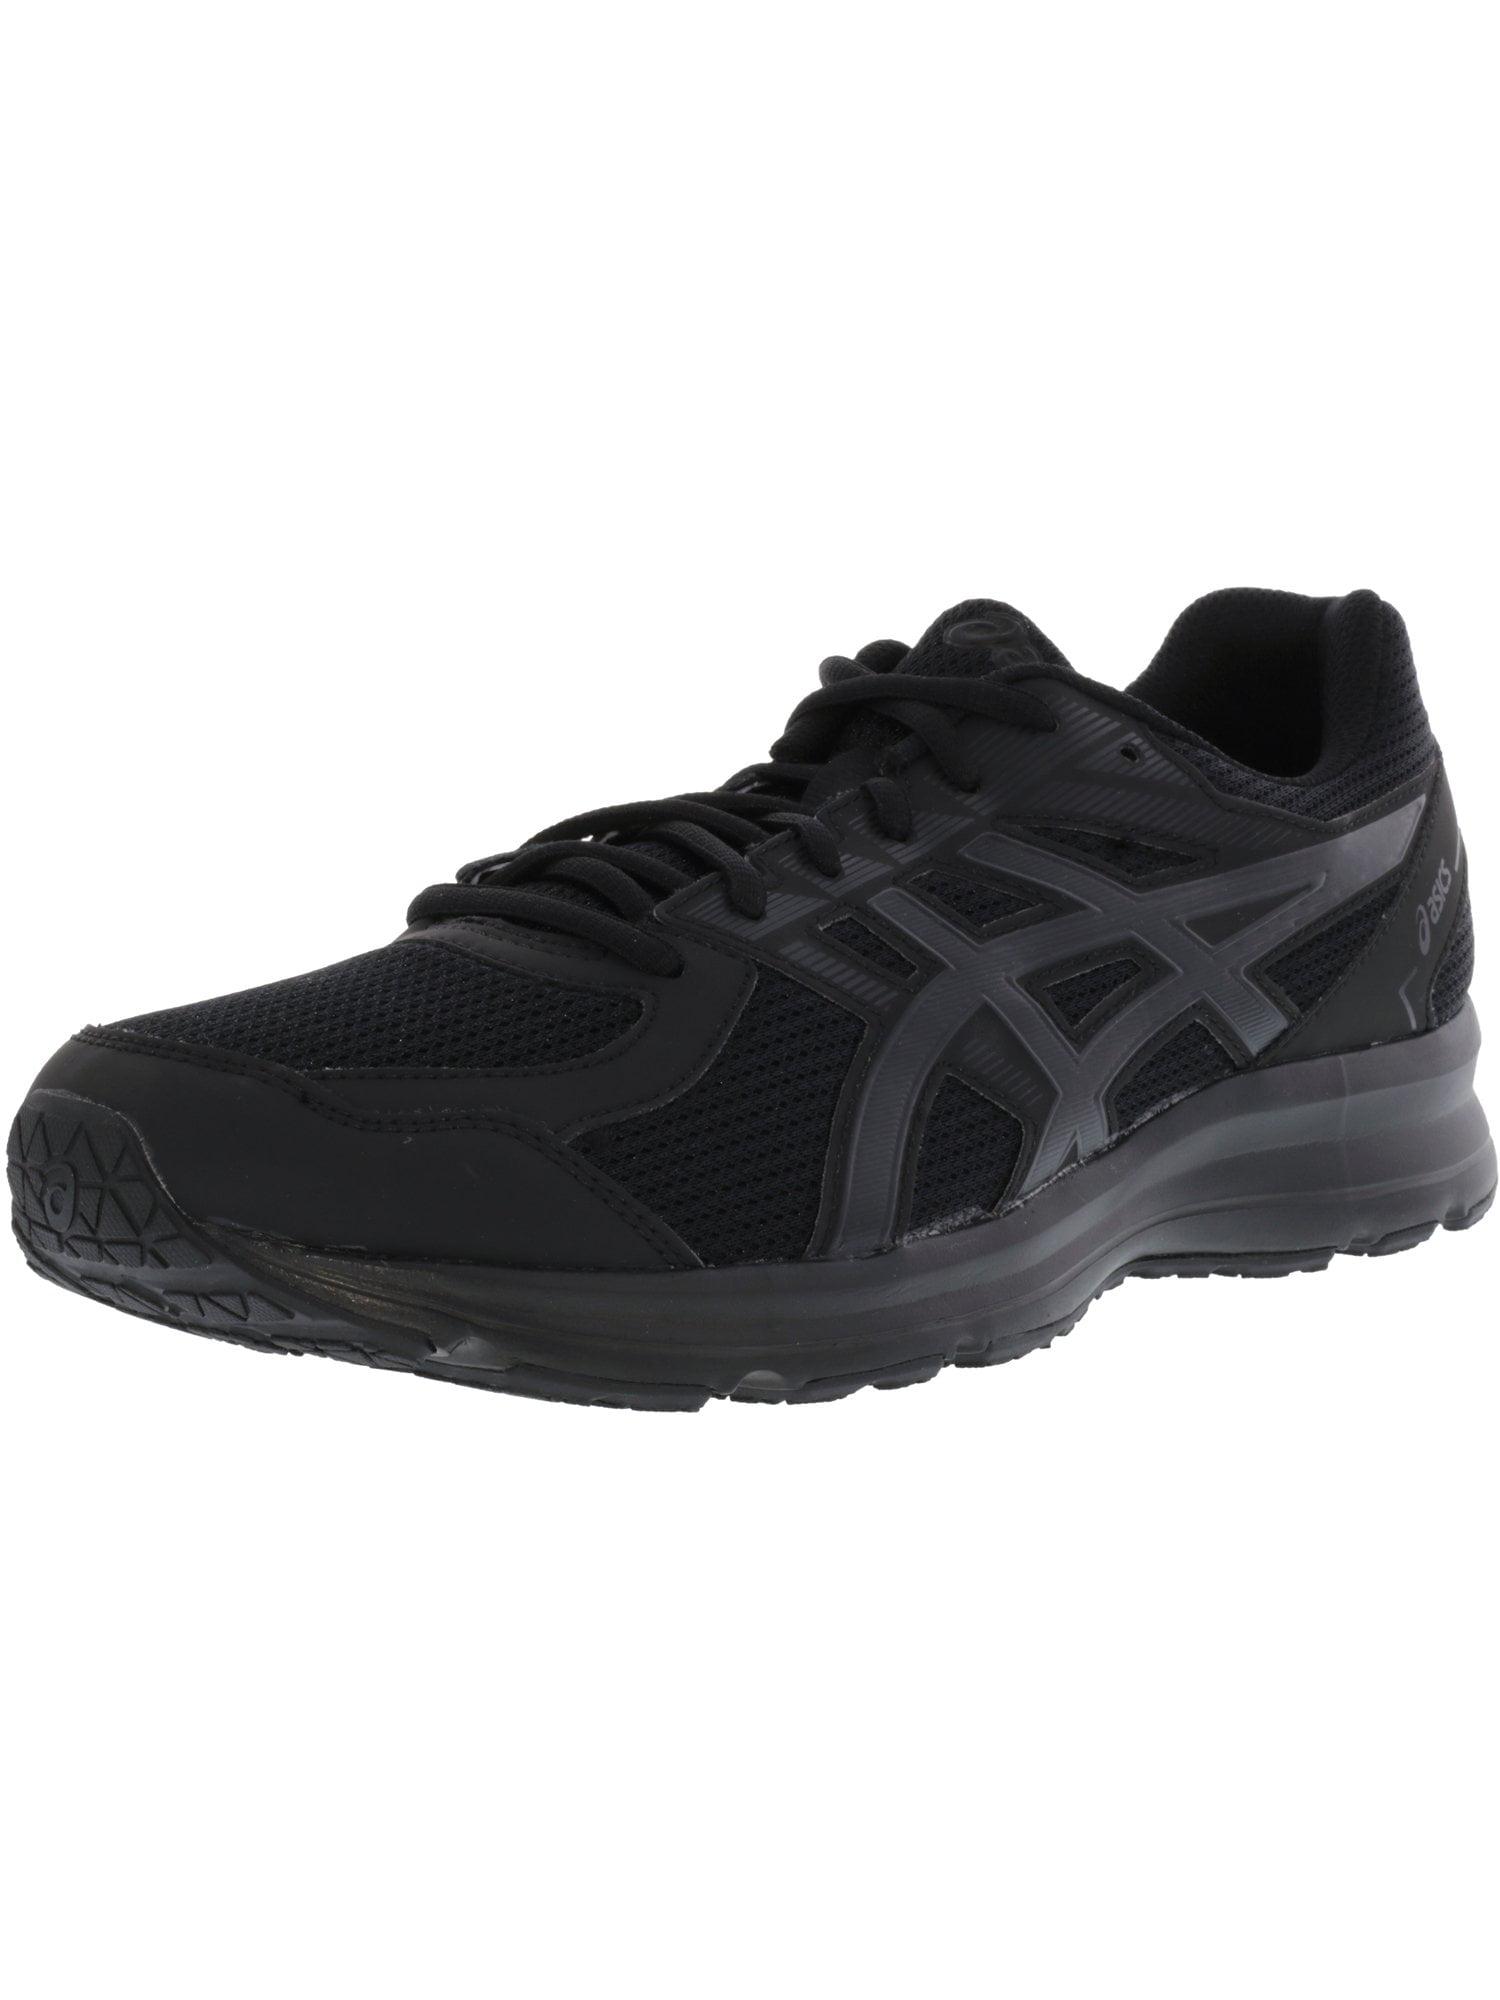 Asics Men's Jolt Black / Onyx Ankle-High Running Shoe - 10WW